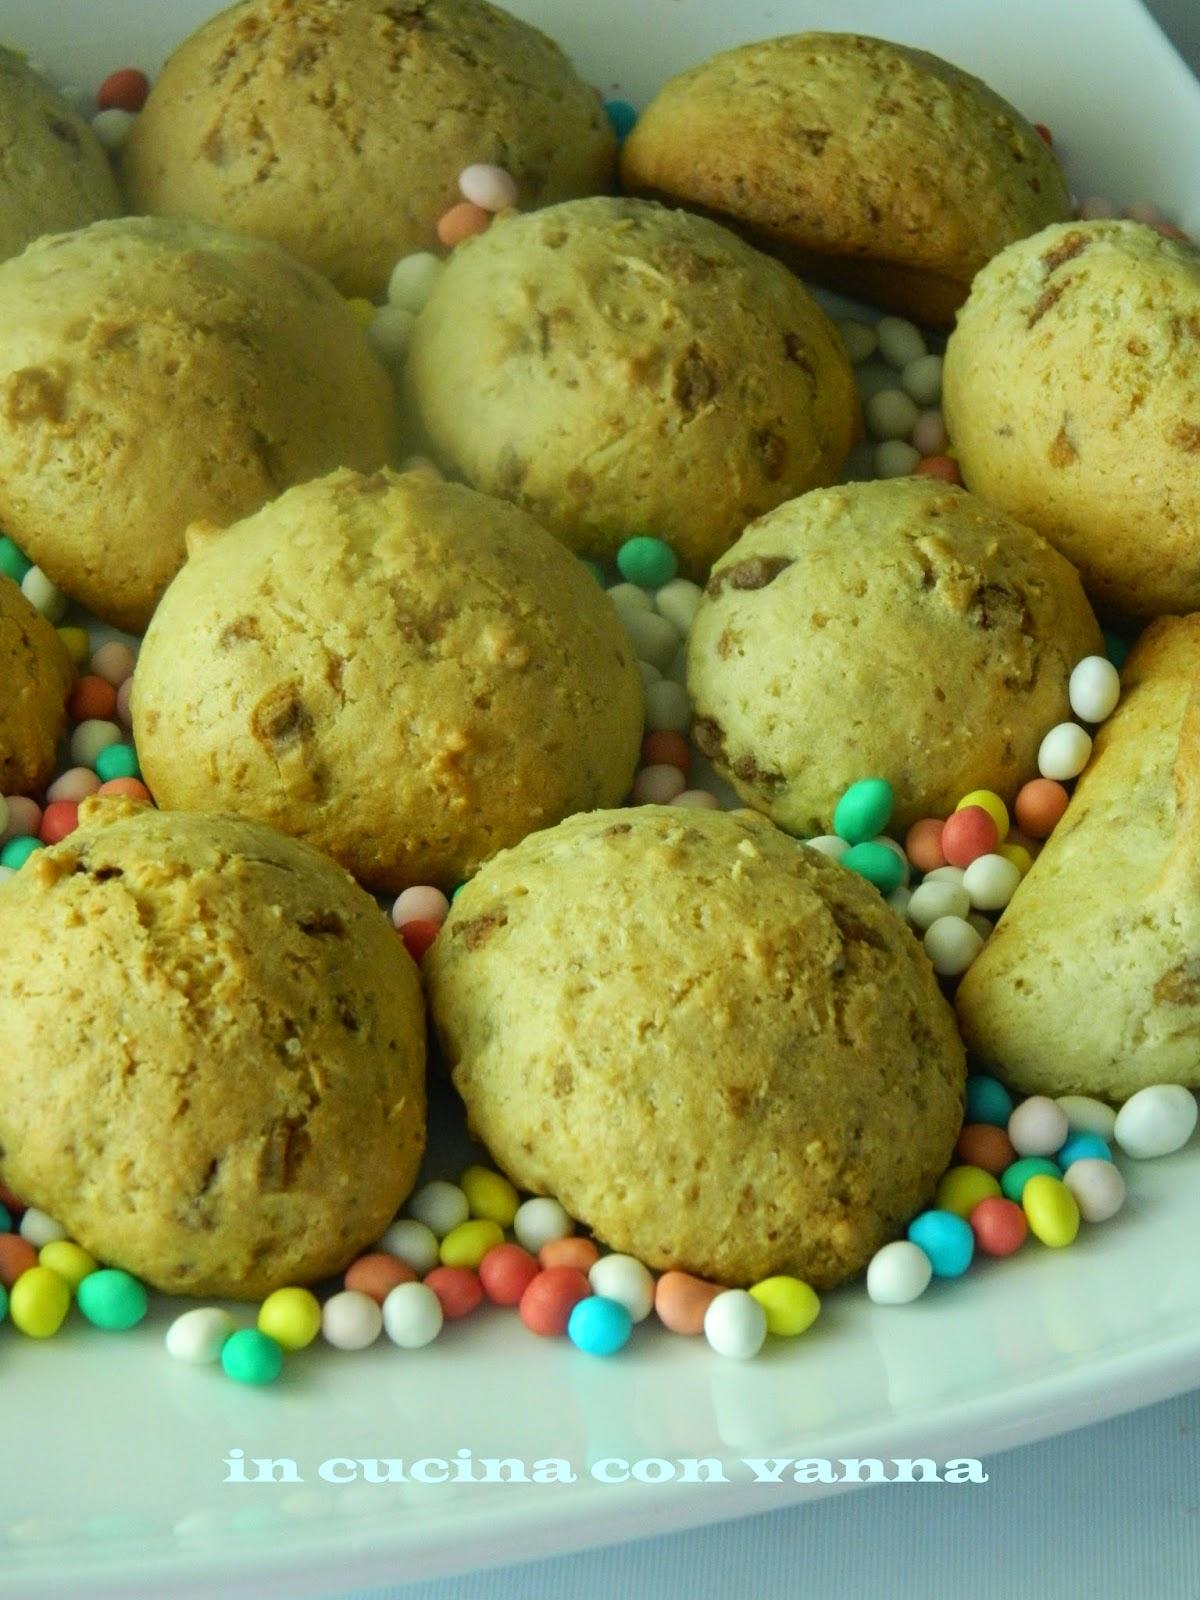 fabio's cookies